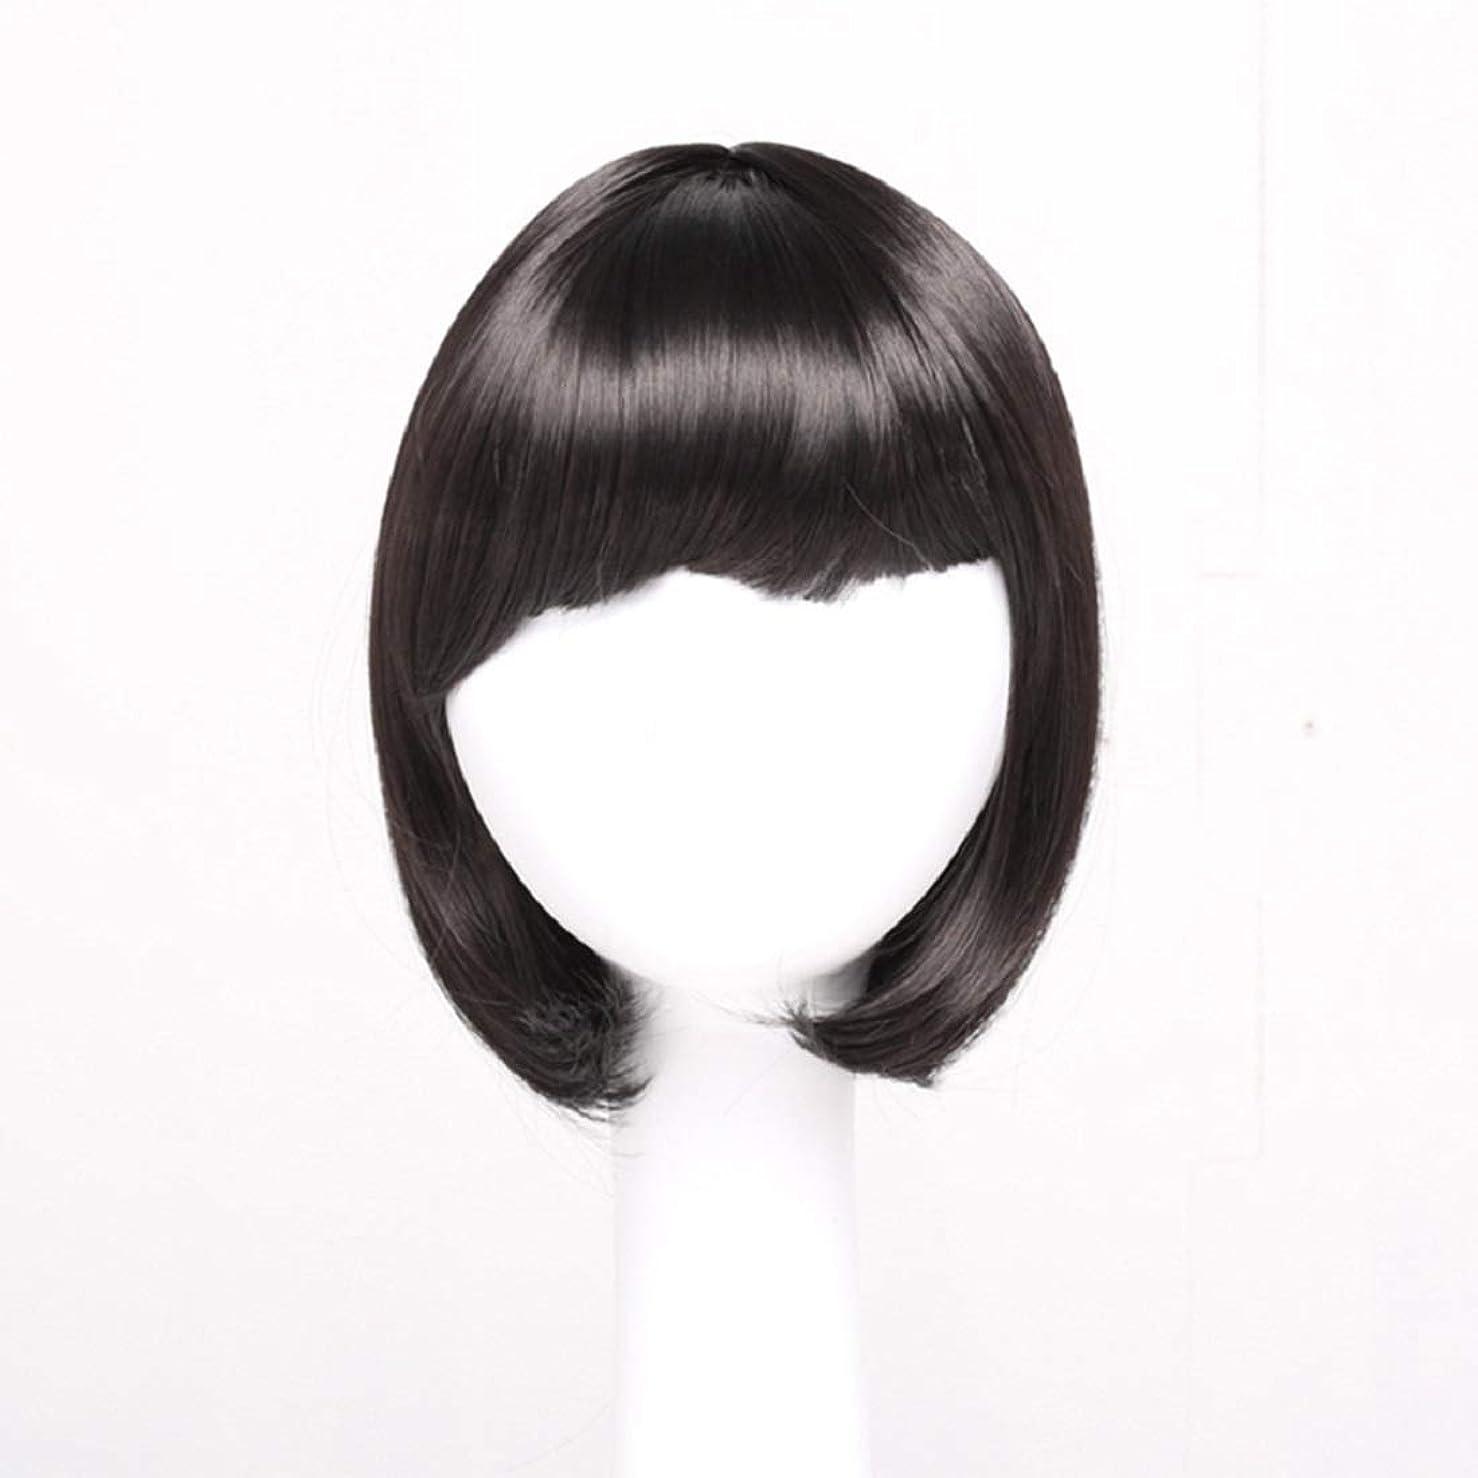 最も早い雄大な酸度Summerys レディースブラックショートストレートヘアー前髪付き前髪ウェーブヘッドかつらセットヘッドギア